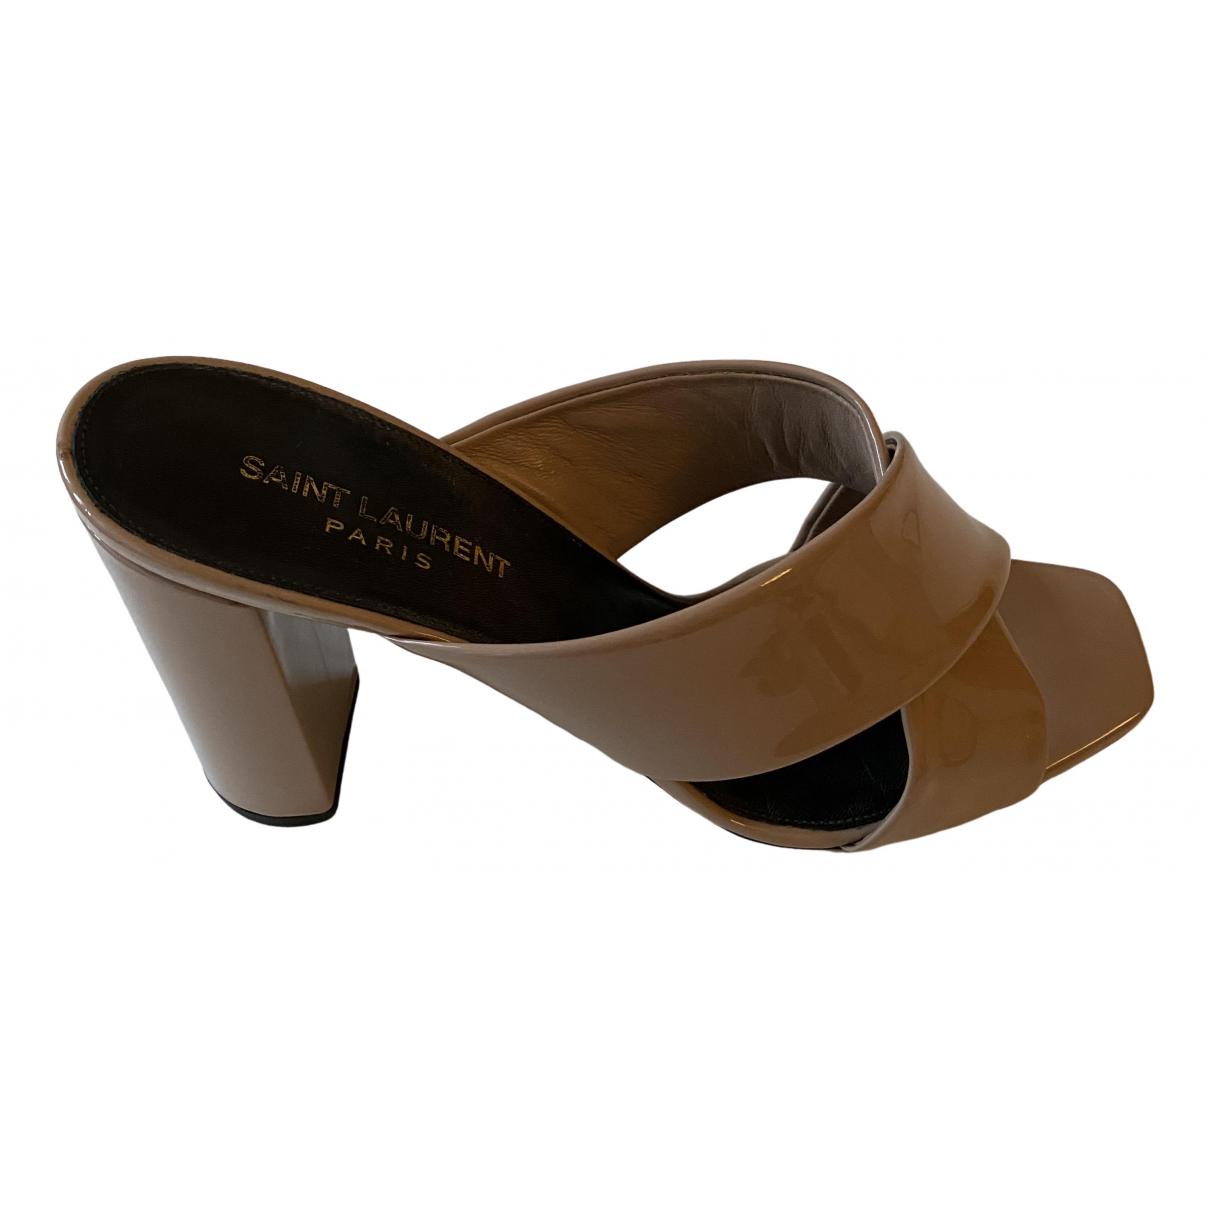 Saint Laurent Loulou Beige Patent leather Sandals for Women 41 EU